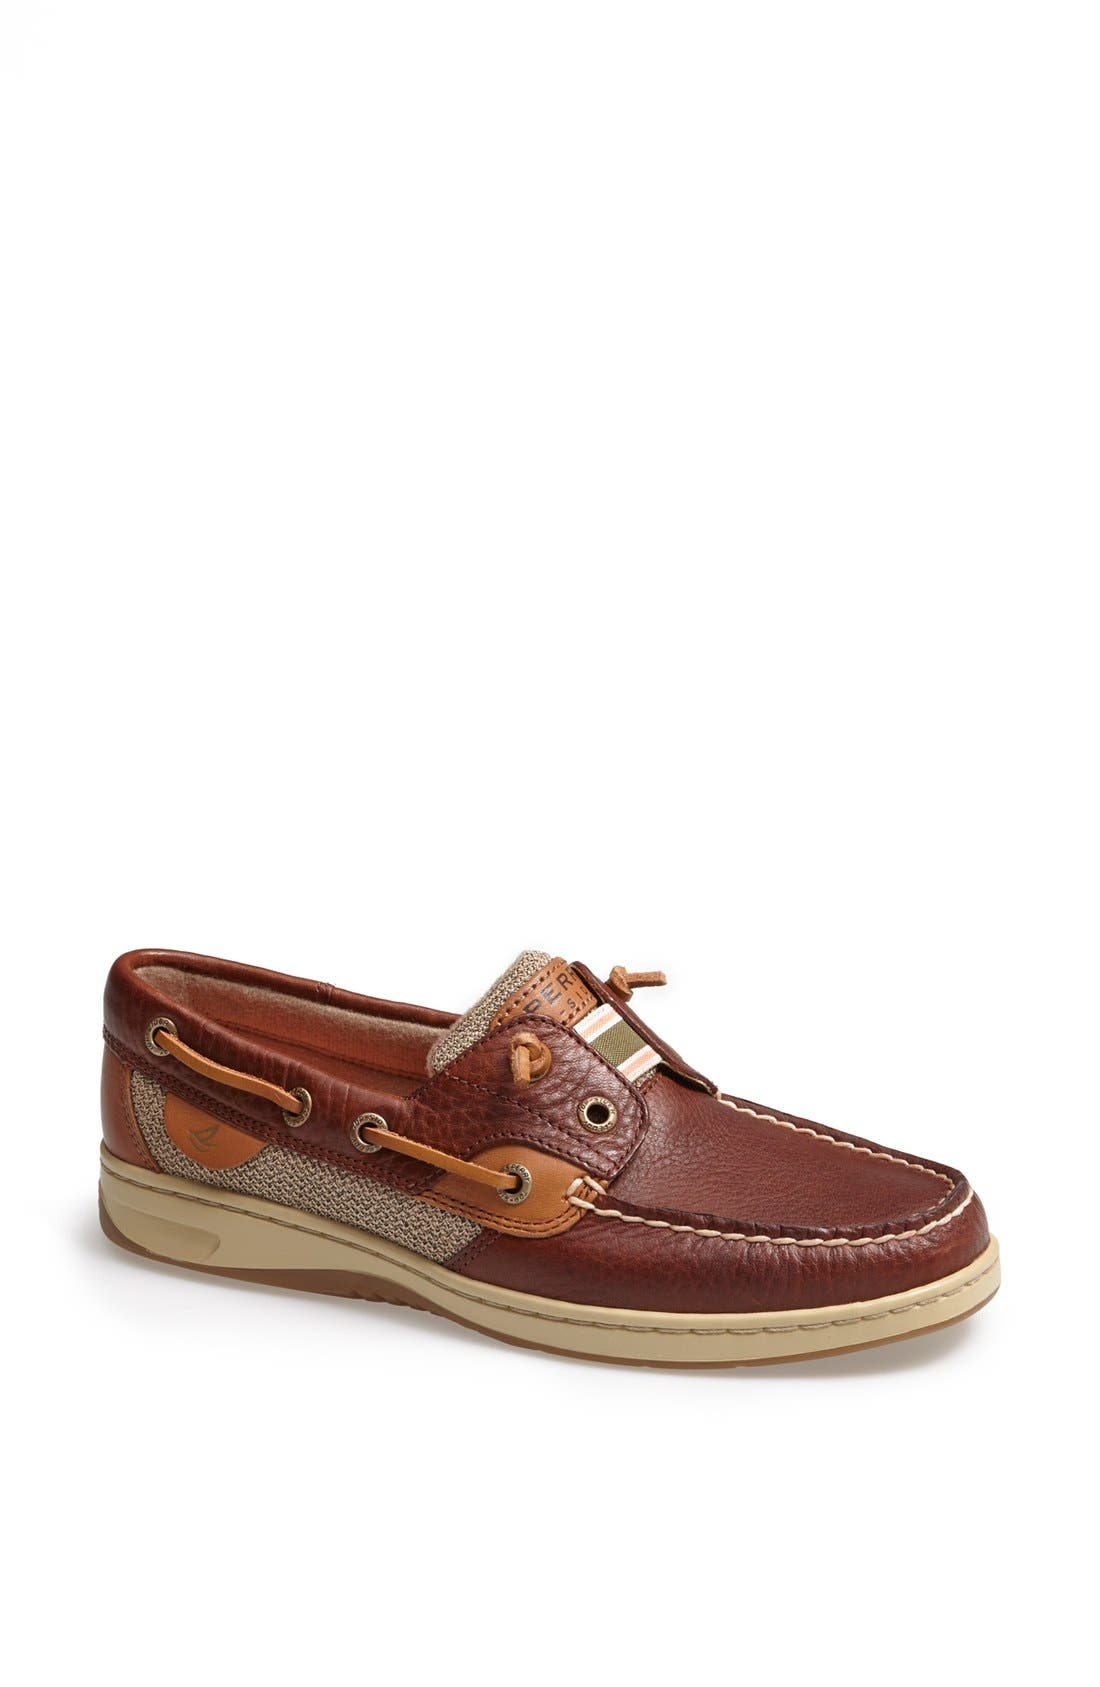 Main Image - Sperry 'Rainbowfish' Boat Shoe